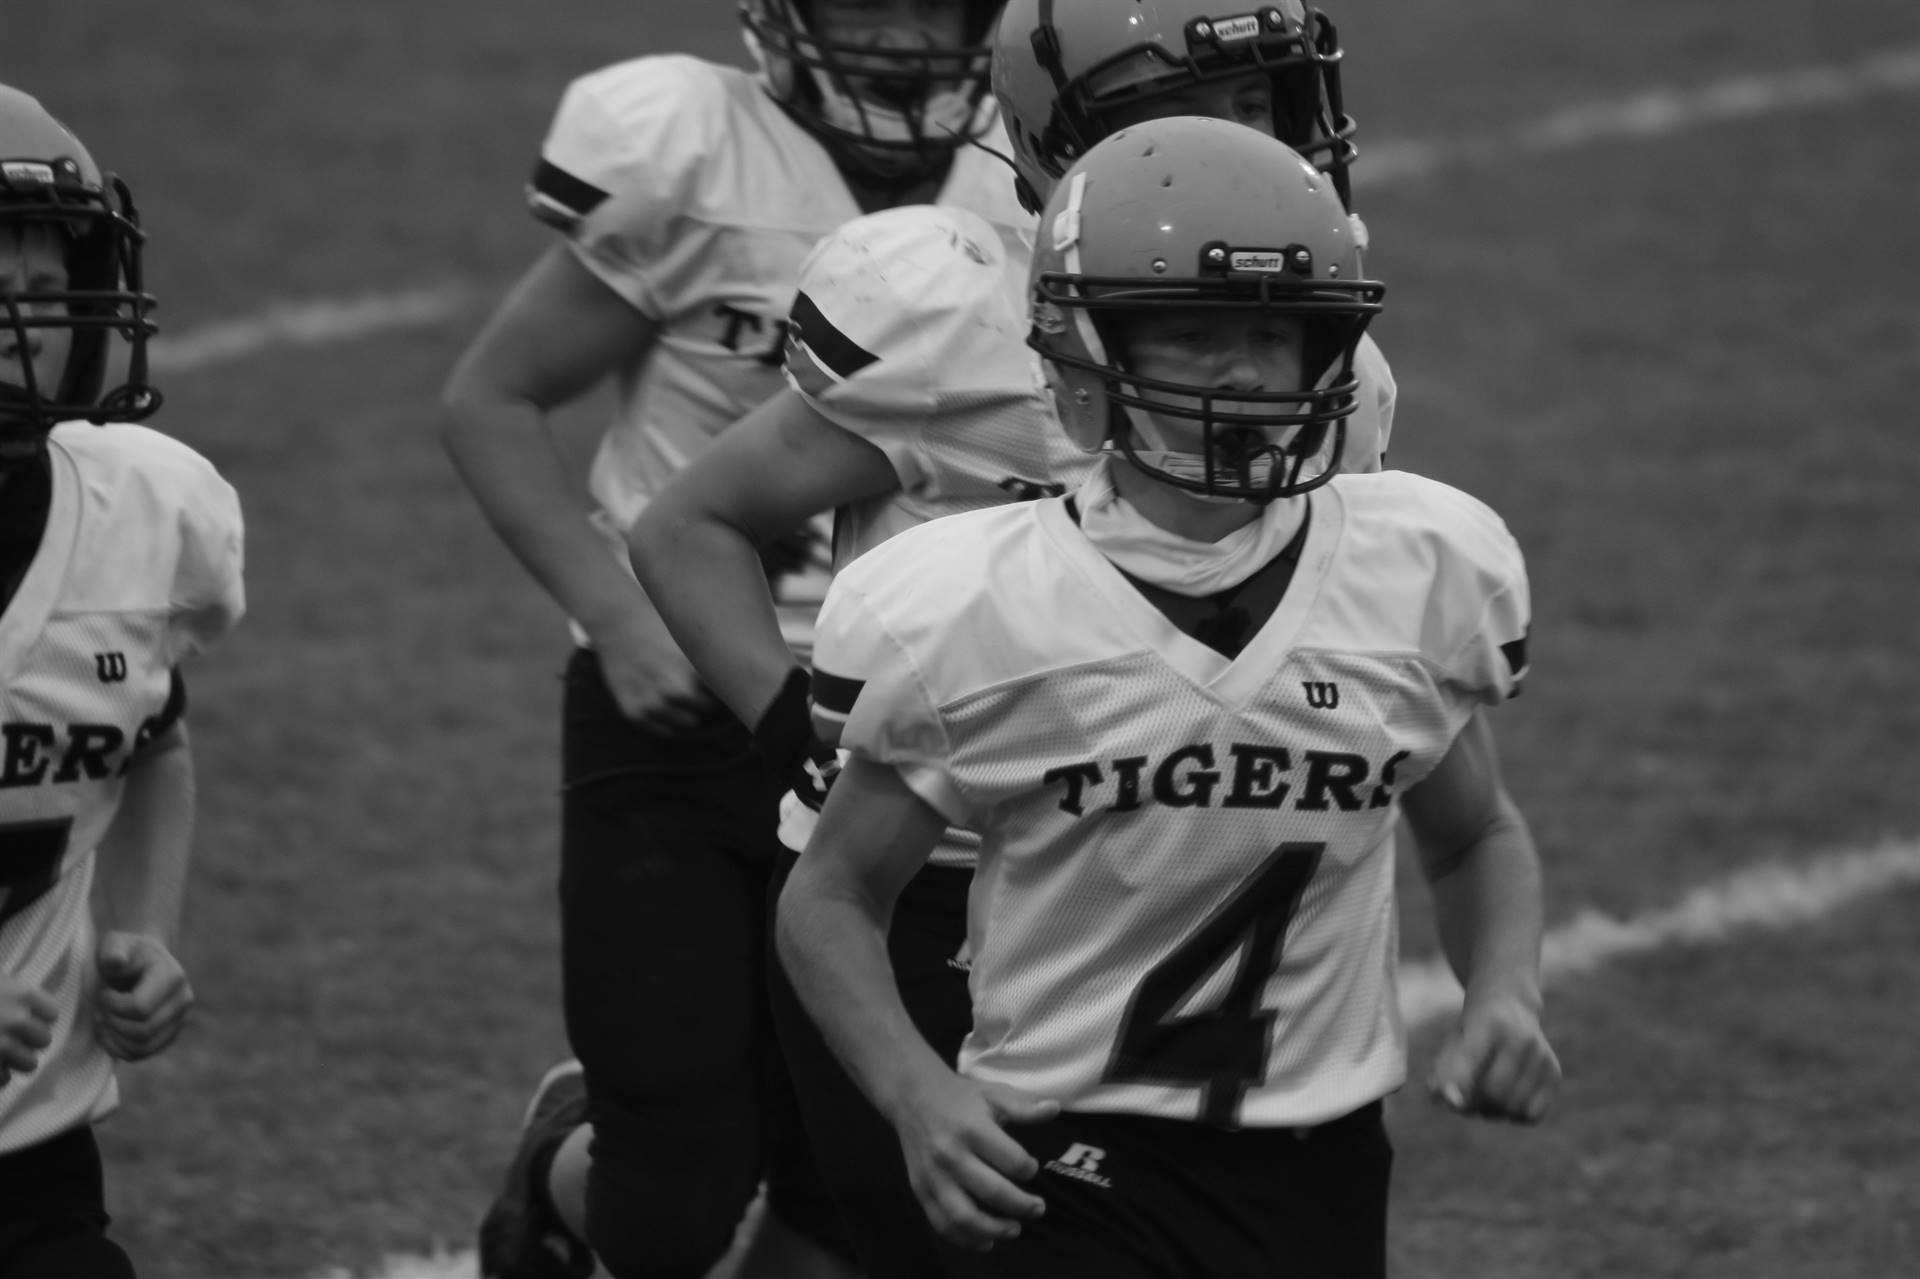 Tigerball effort